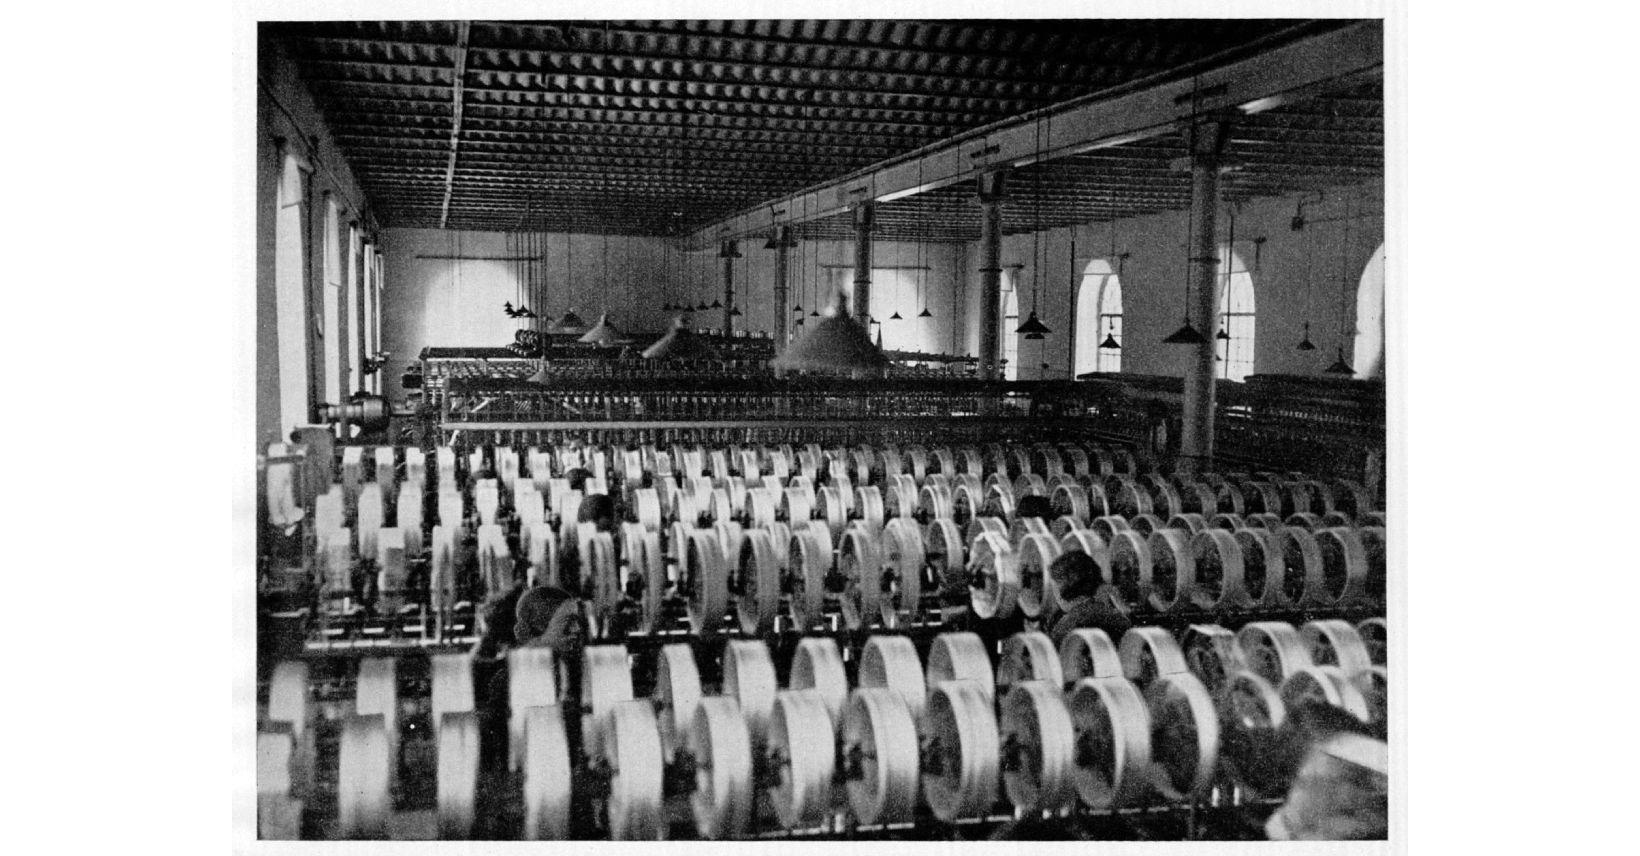 kauno audiniu fabriko vidus istorine